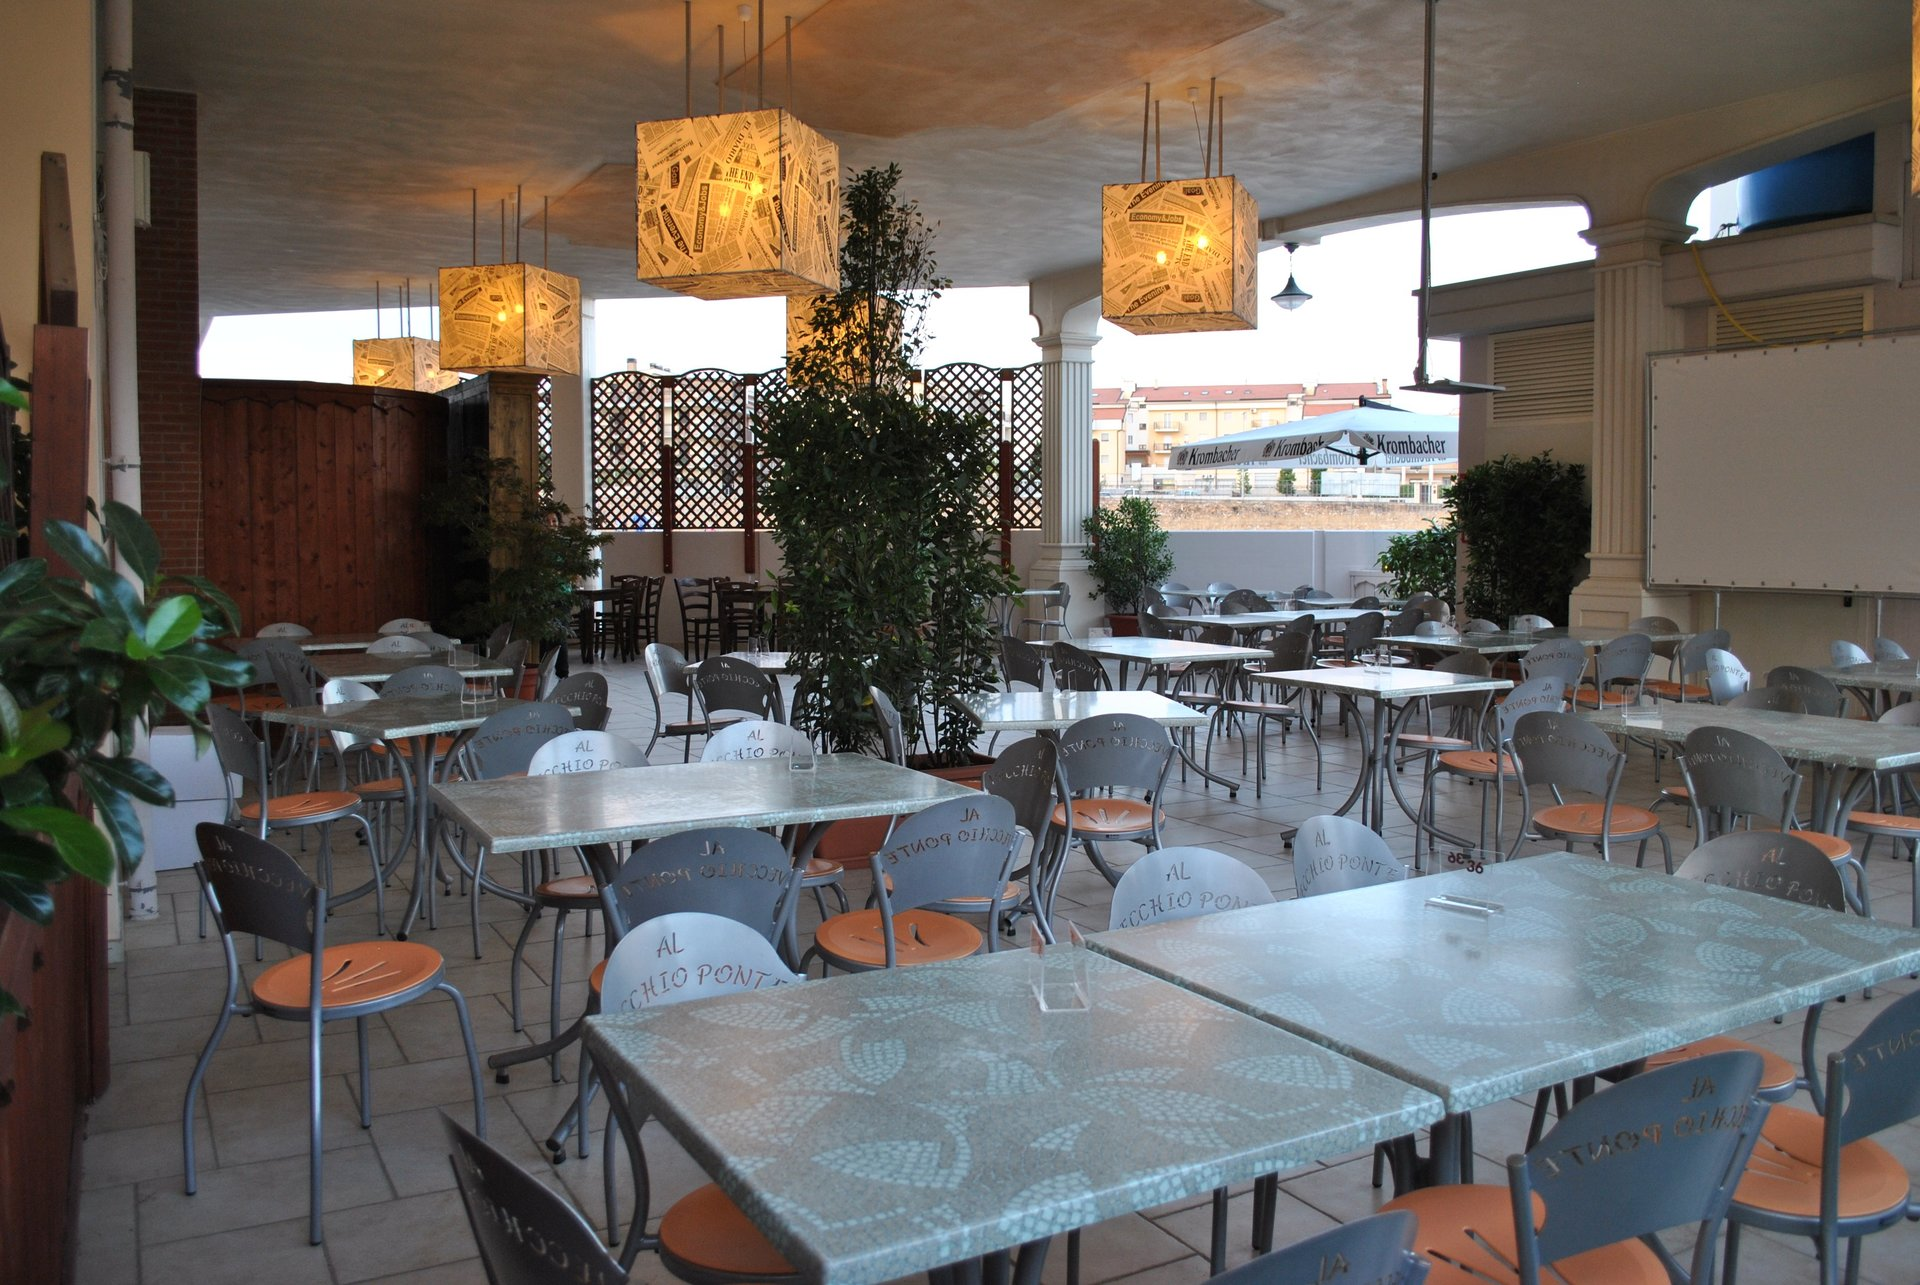 tavoli e sedie all'esterno del locale